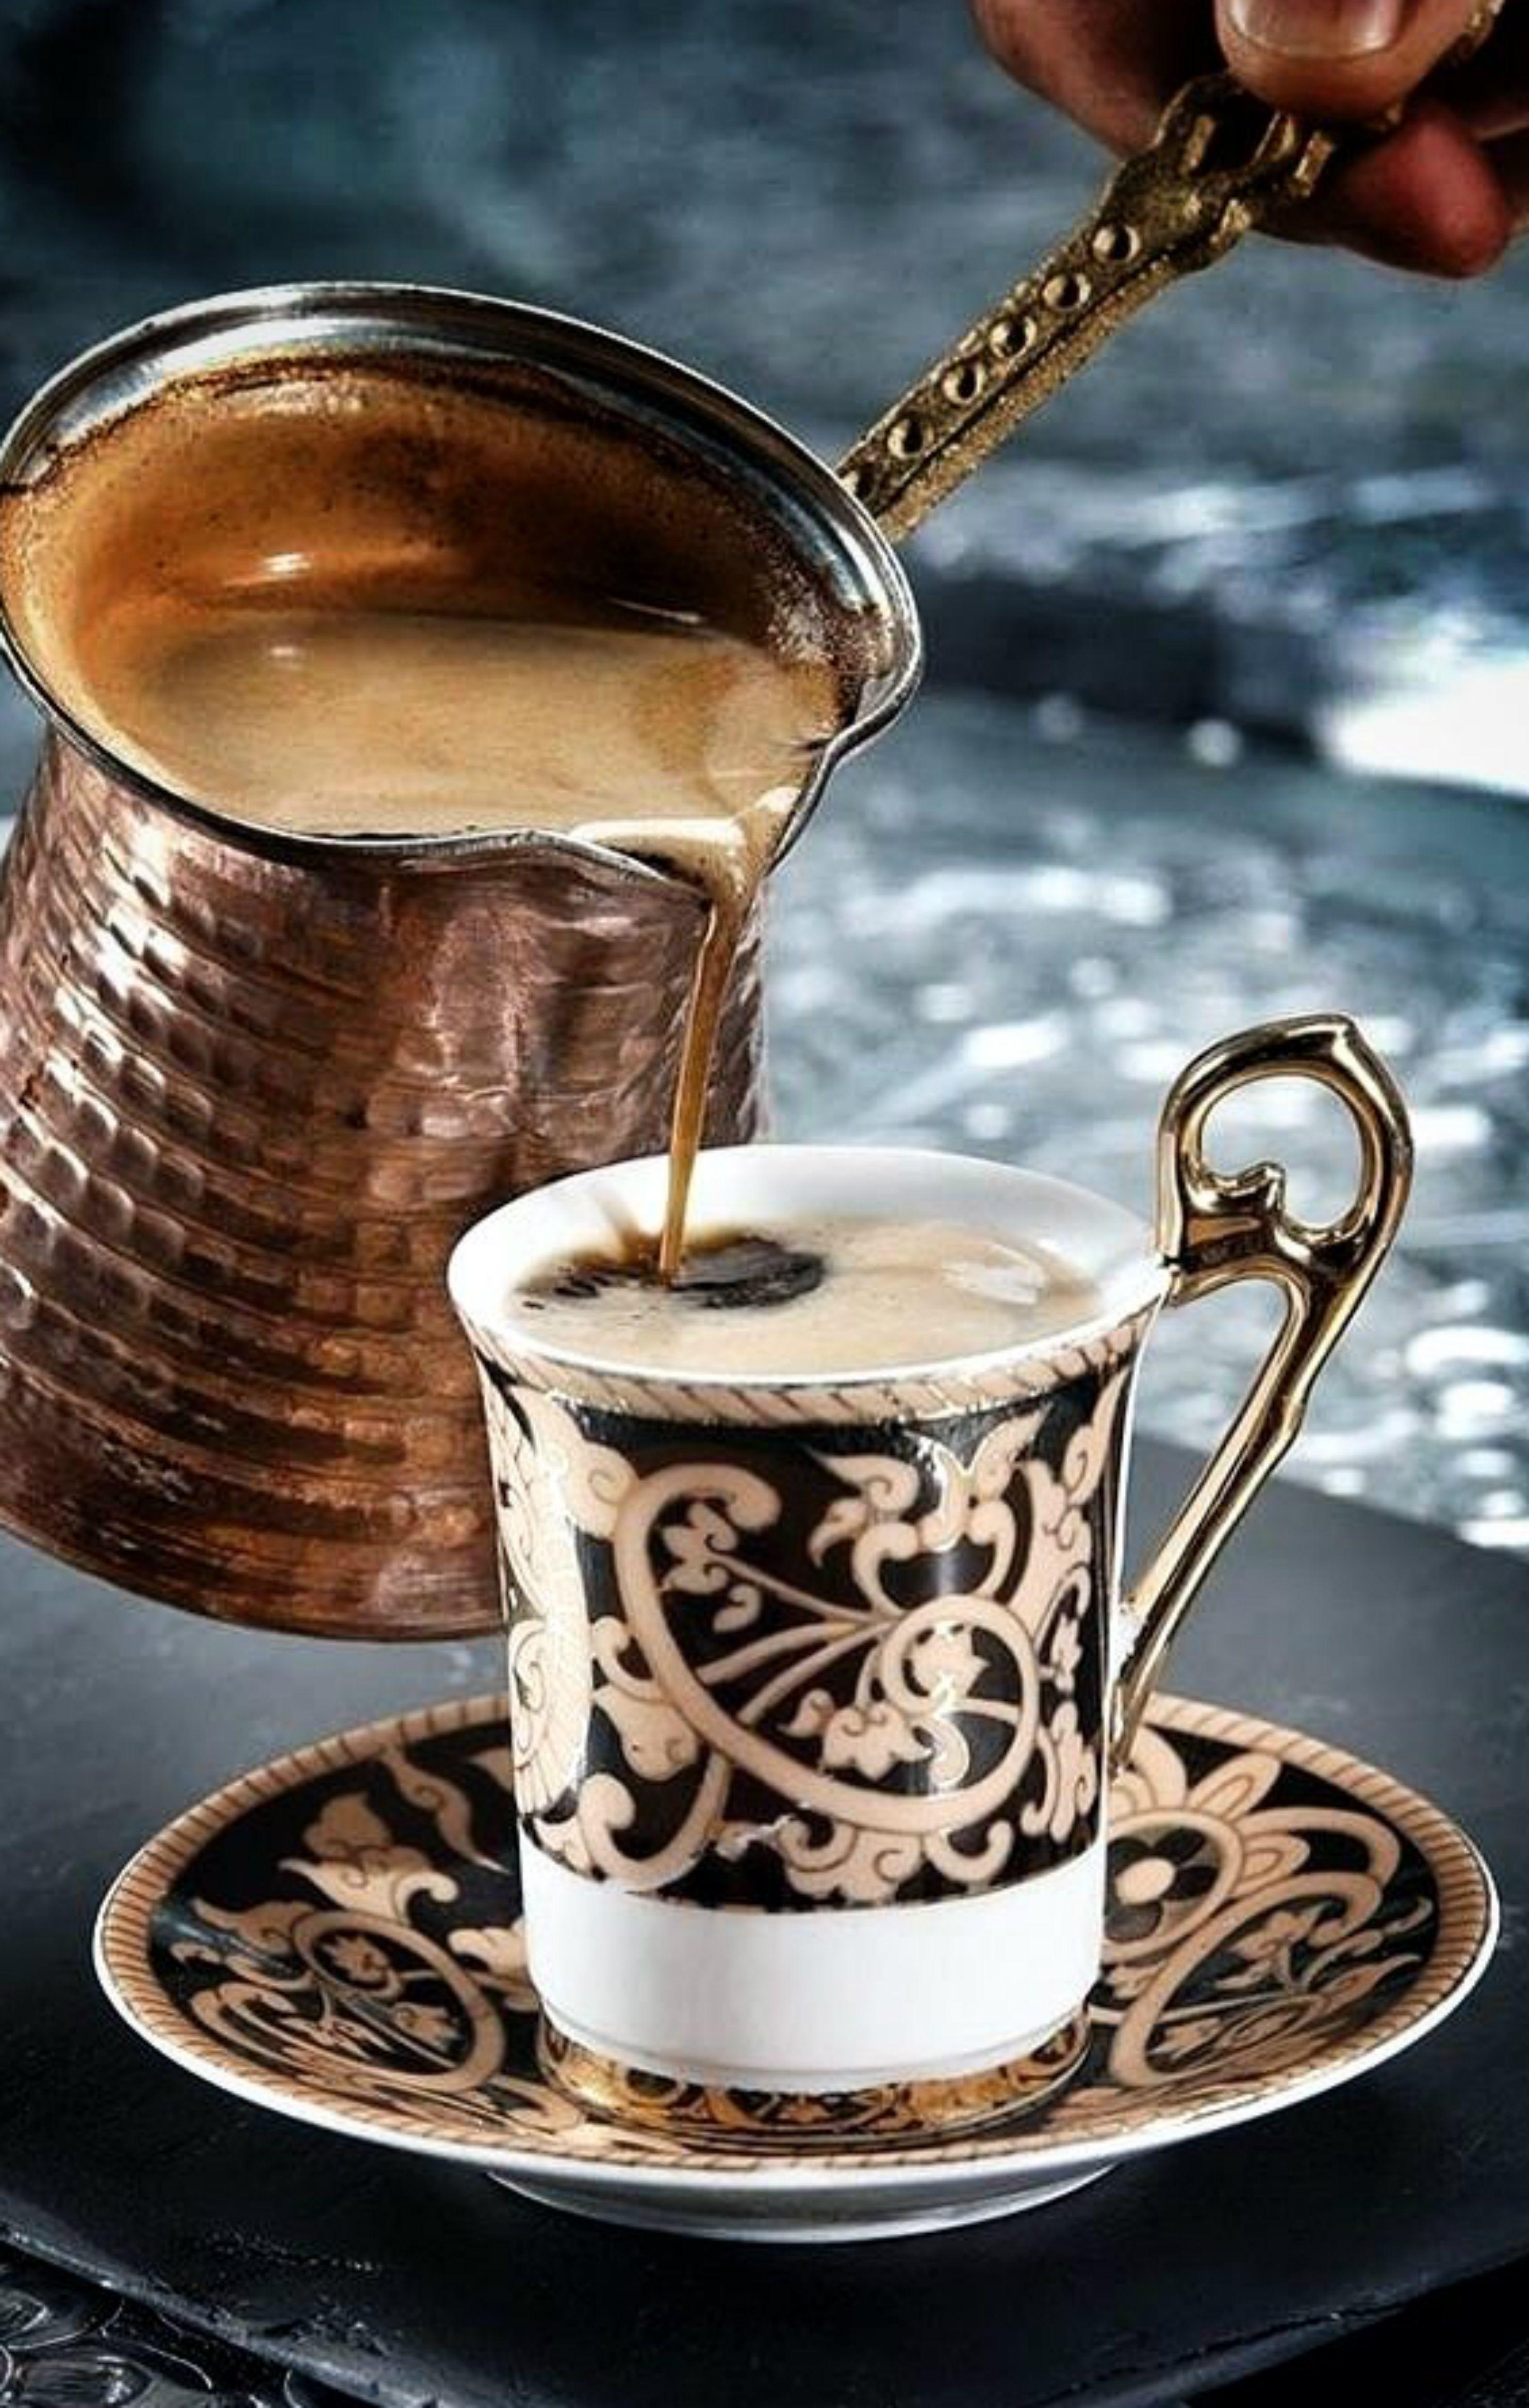 Pin By Z O R A R O S E On Coffee Beautiful Coffee Coffee Time Turkish Coffee